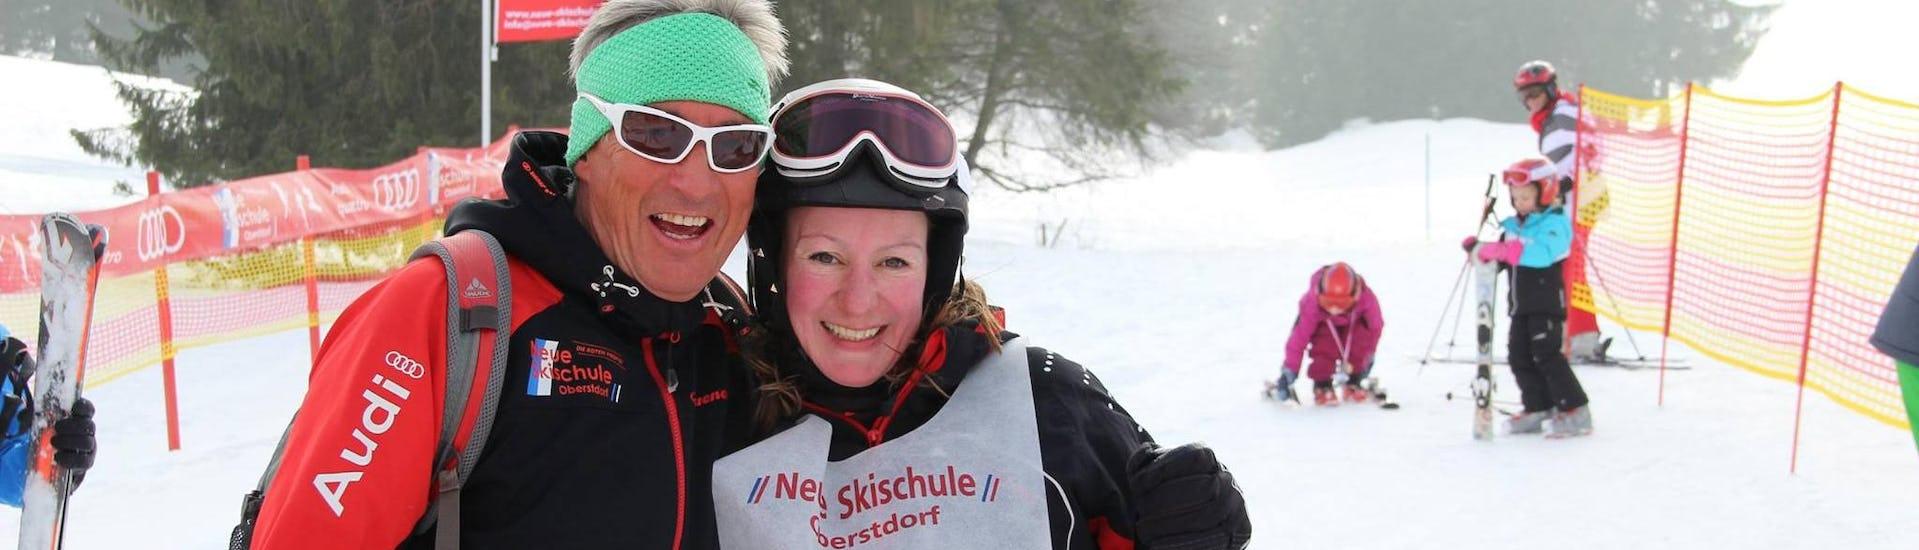 Eine Skifahrerin hat Spaß beim Privater Skikurs für Erwachsene - Alle Levels unter der Aufsicht eines erfahrenen Skilehrers von der Skischule Neue Skischule Oberstdorf.